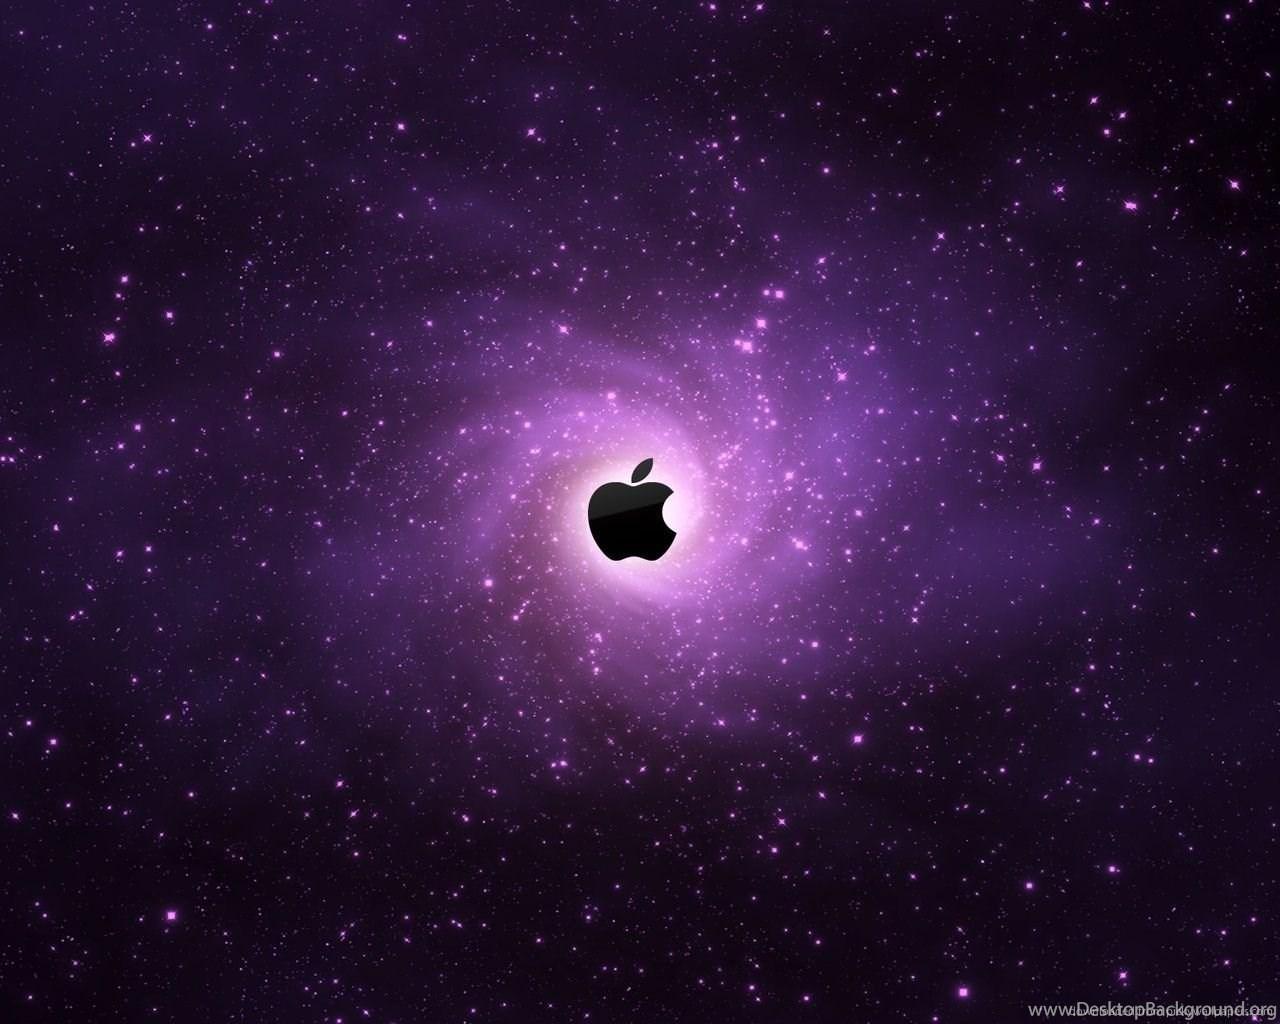 Download 1280x1024 Standard Mac Desktop Wallpapers Desktop